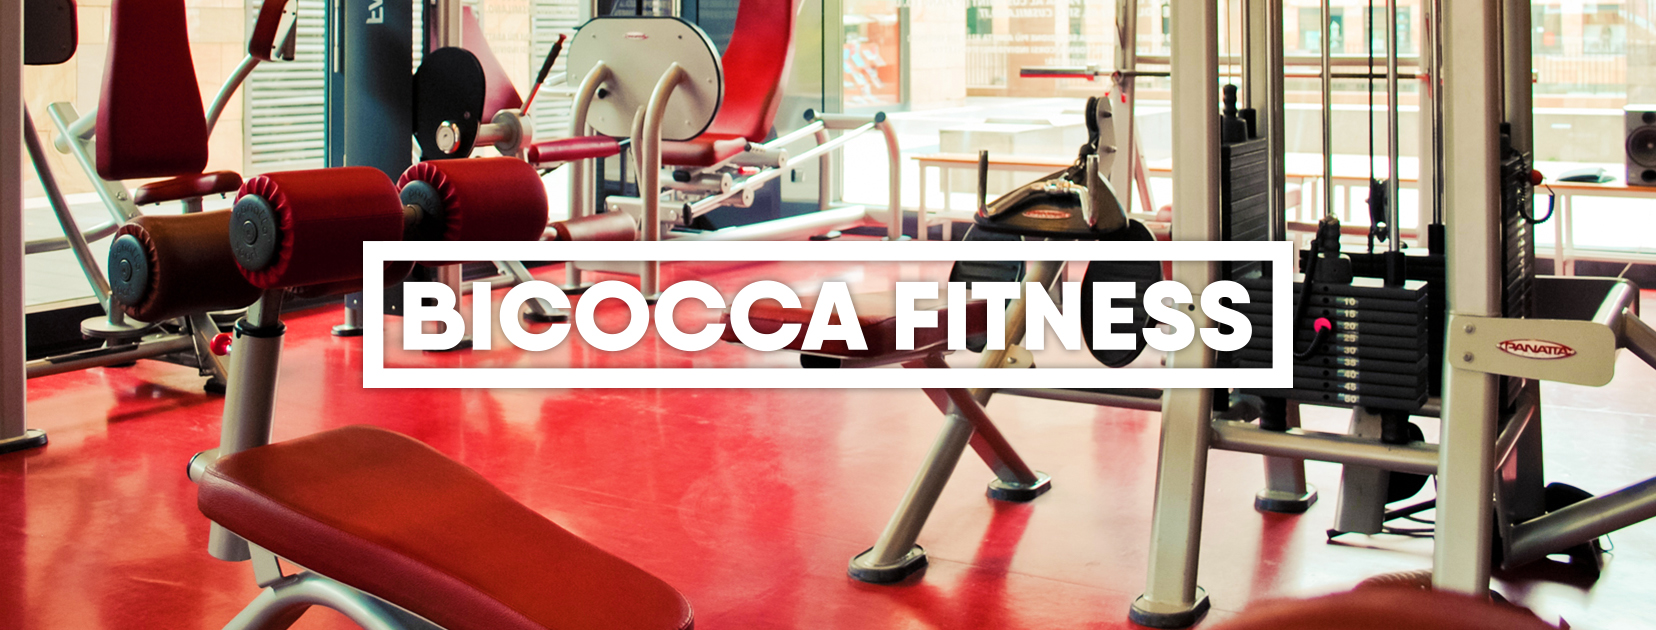 Bicocca Fitness